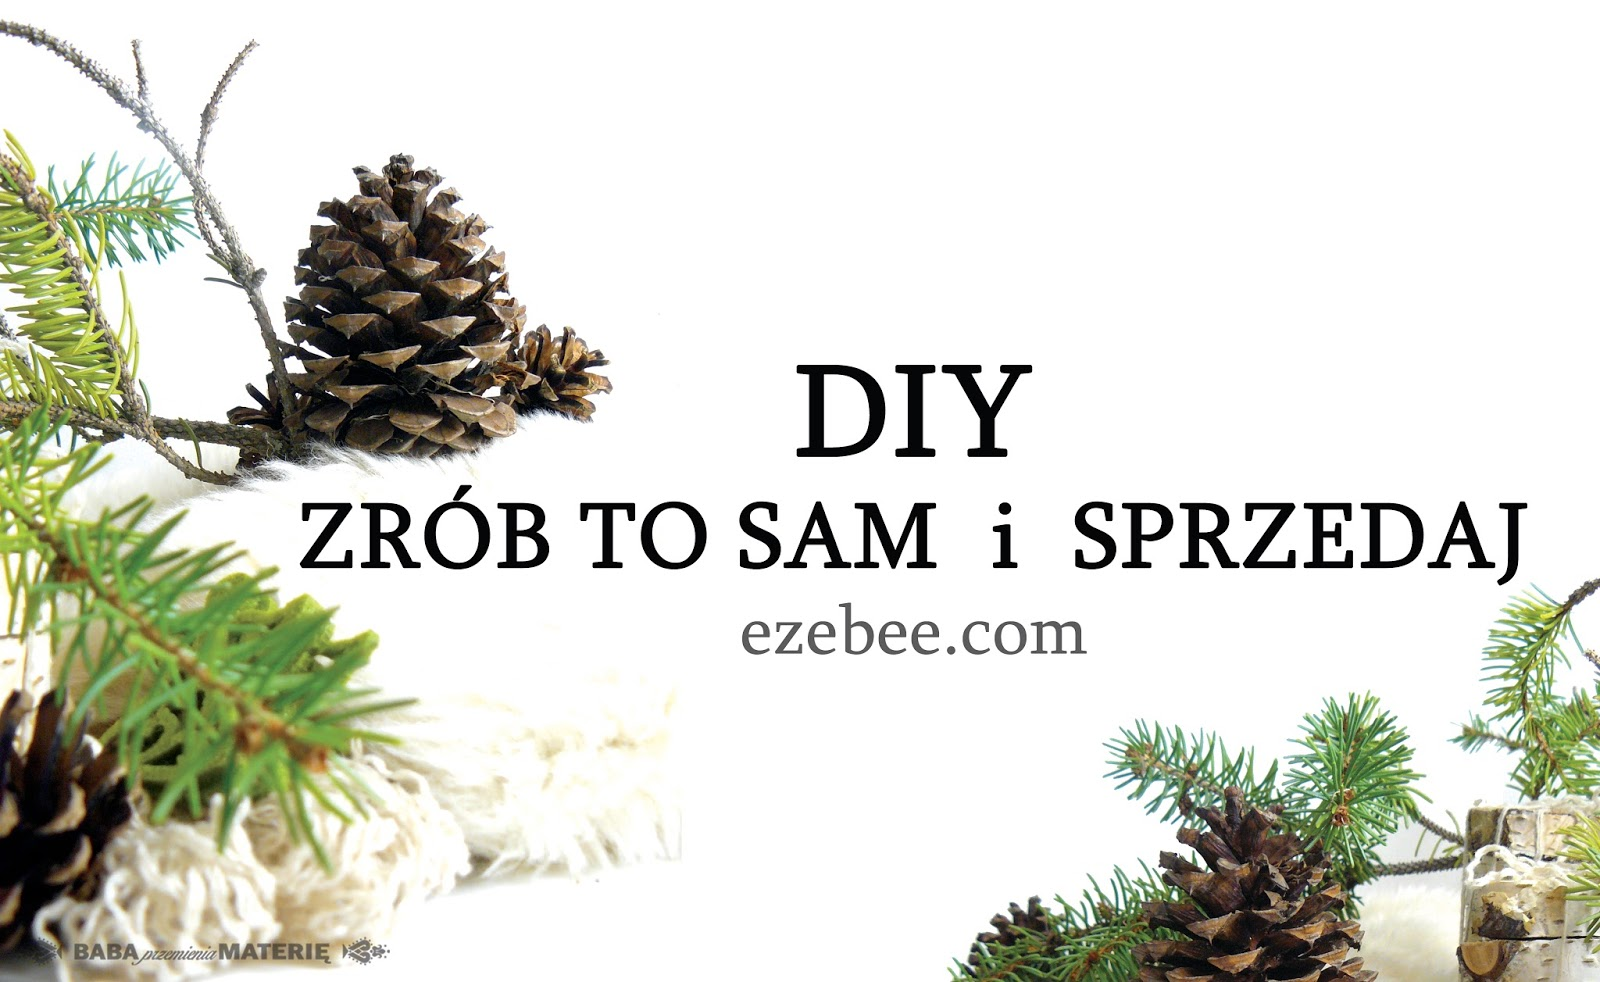 http://babaprzemieniamaterie.blogspot.com/2015/12/diy-zrob-to-sam-i-sprzedaj-ezebee.html#more